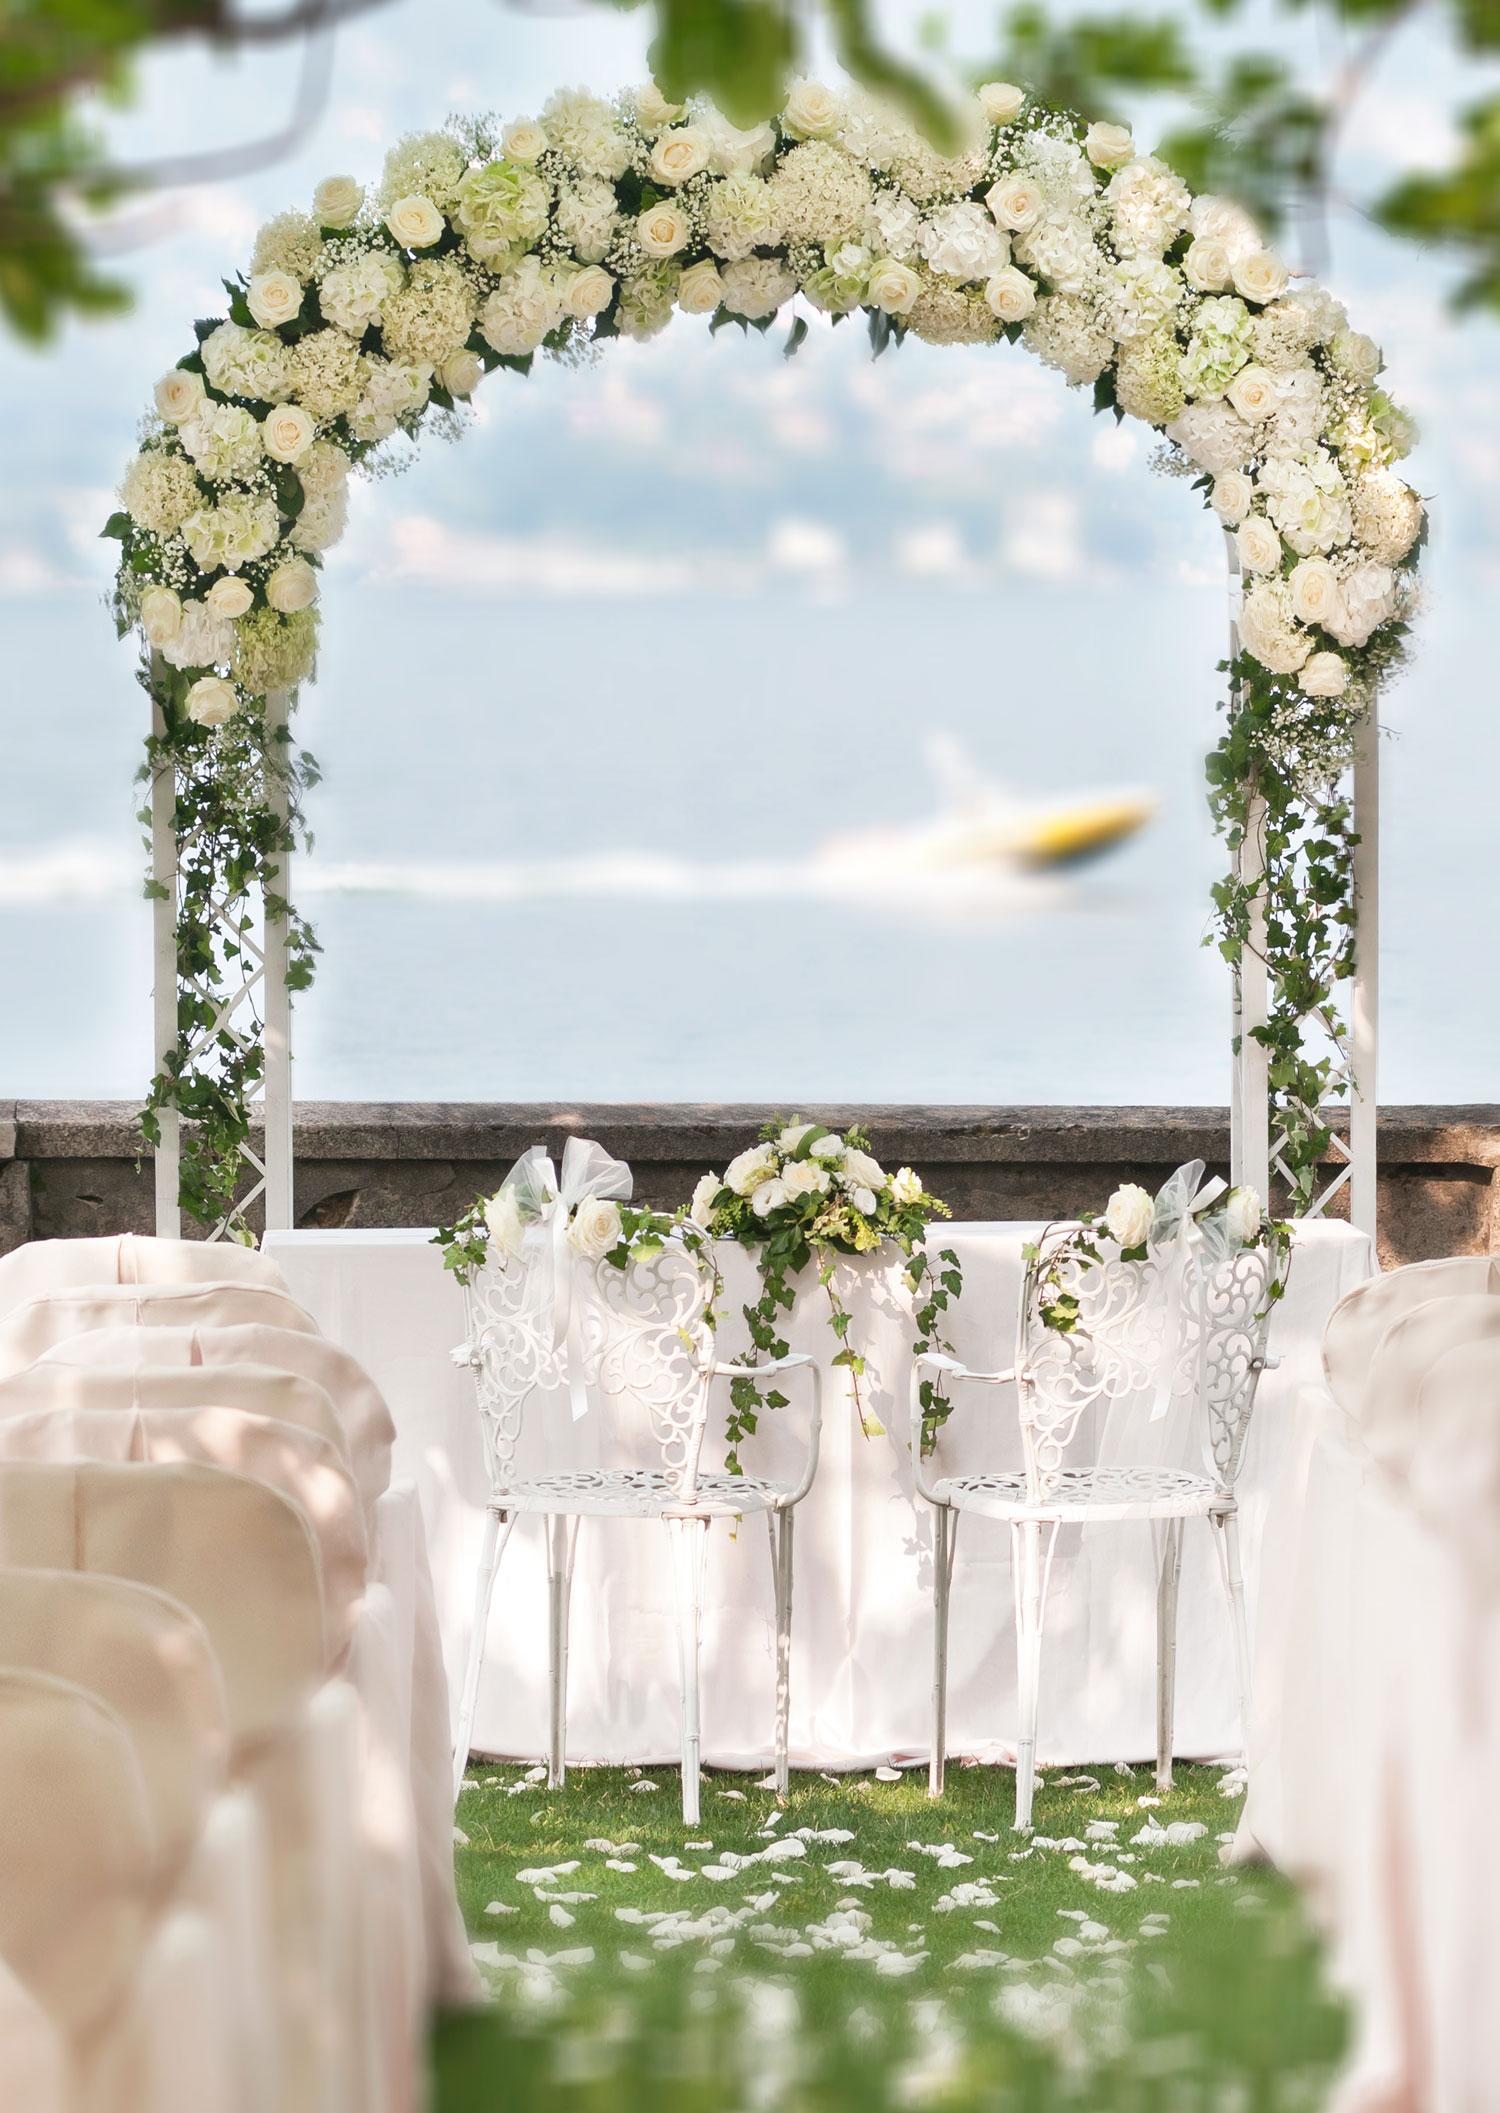 Decorazioni floreali per matrimonio civile giuseppina - Archi per giardino ...